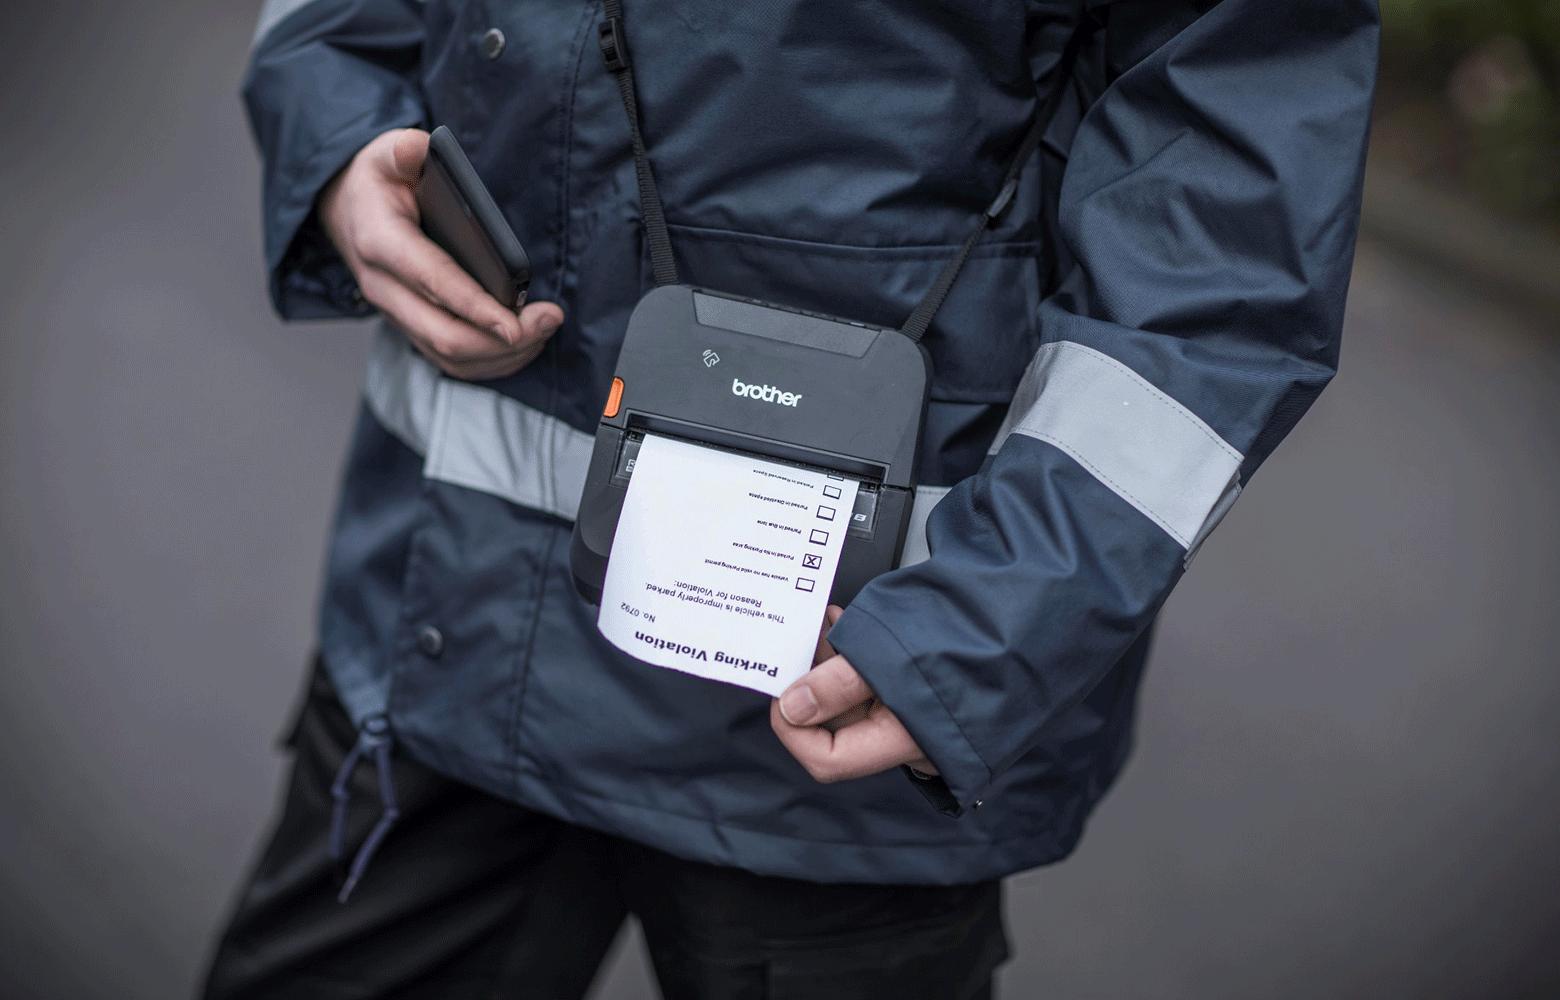 Zaposlenik na parkiralištu ispisuje parkirnu kartu na RJ pisaču na ramenskoj traci